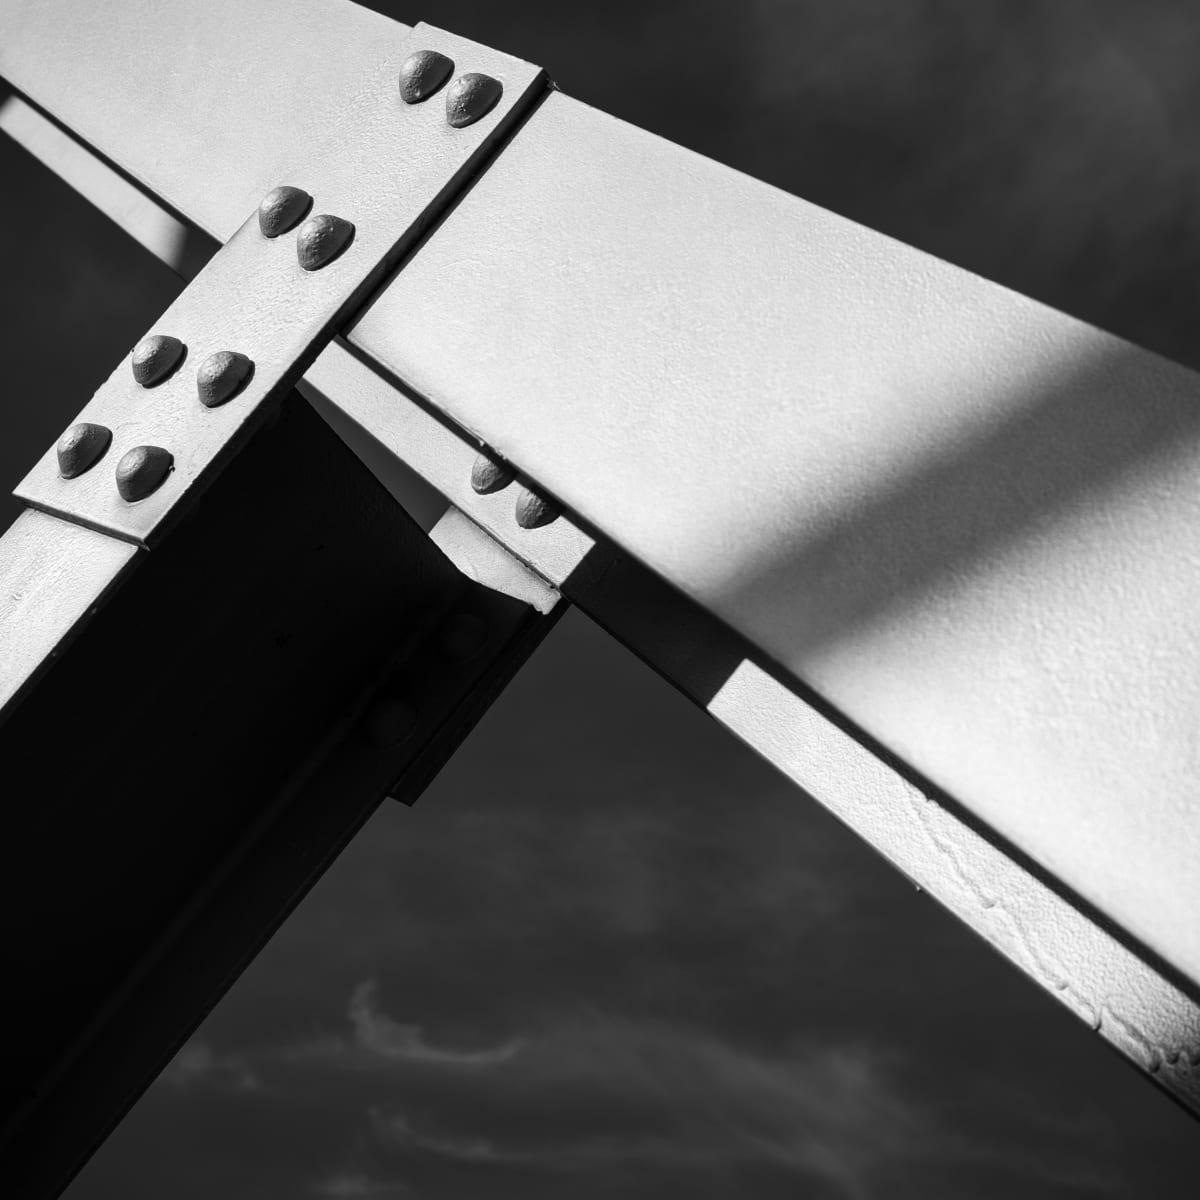 Miner Slough Bridge #2 #1 of 10 by Farrell Scott